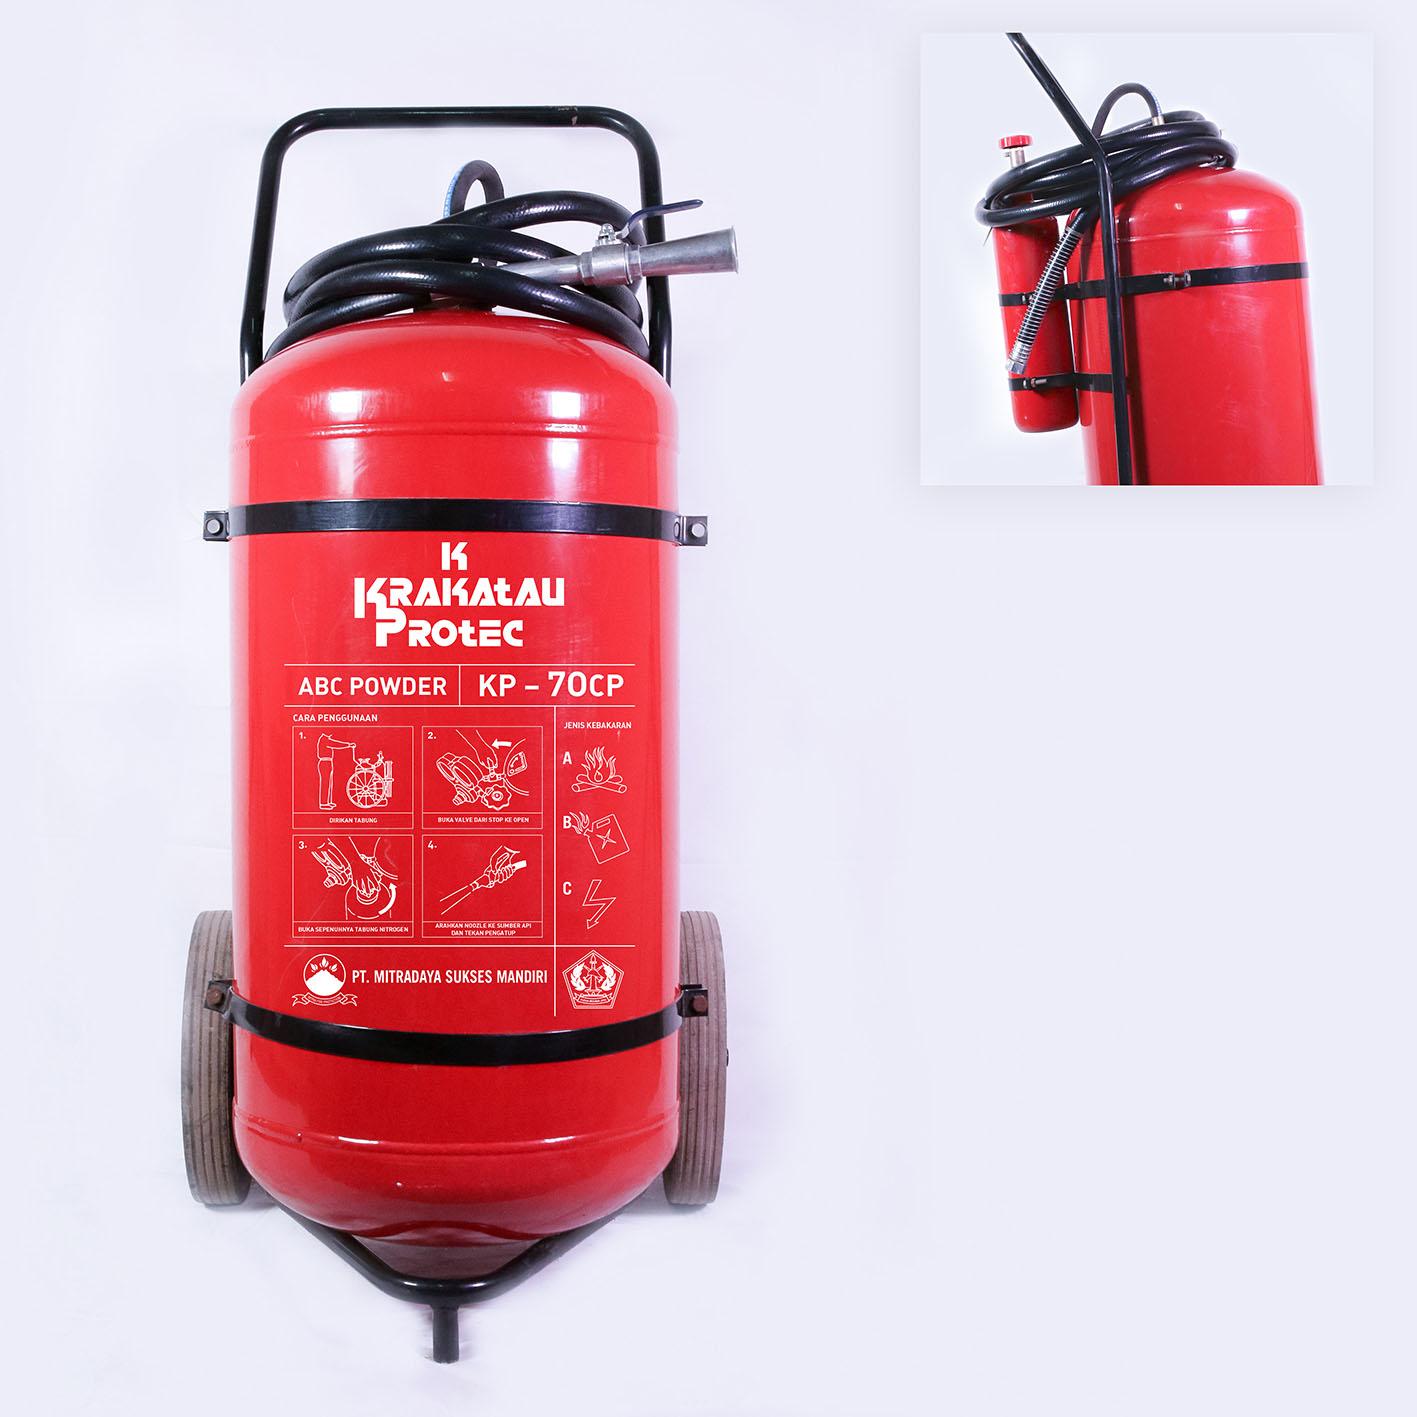 Cartridge Powder 70 Kg / KP70CP